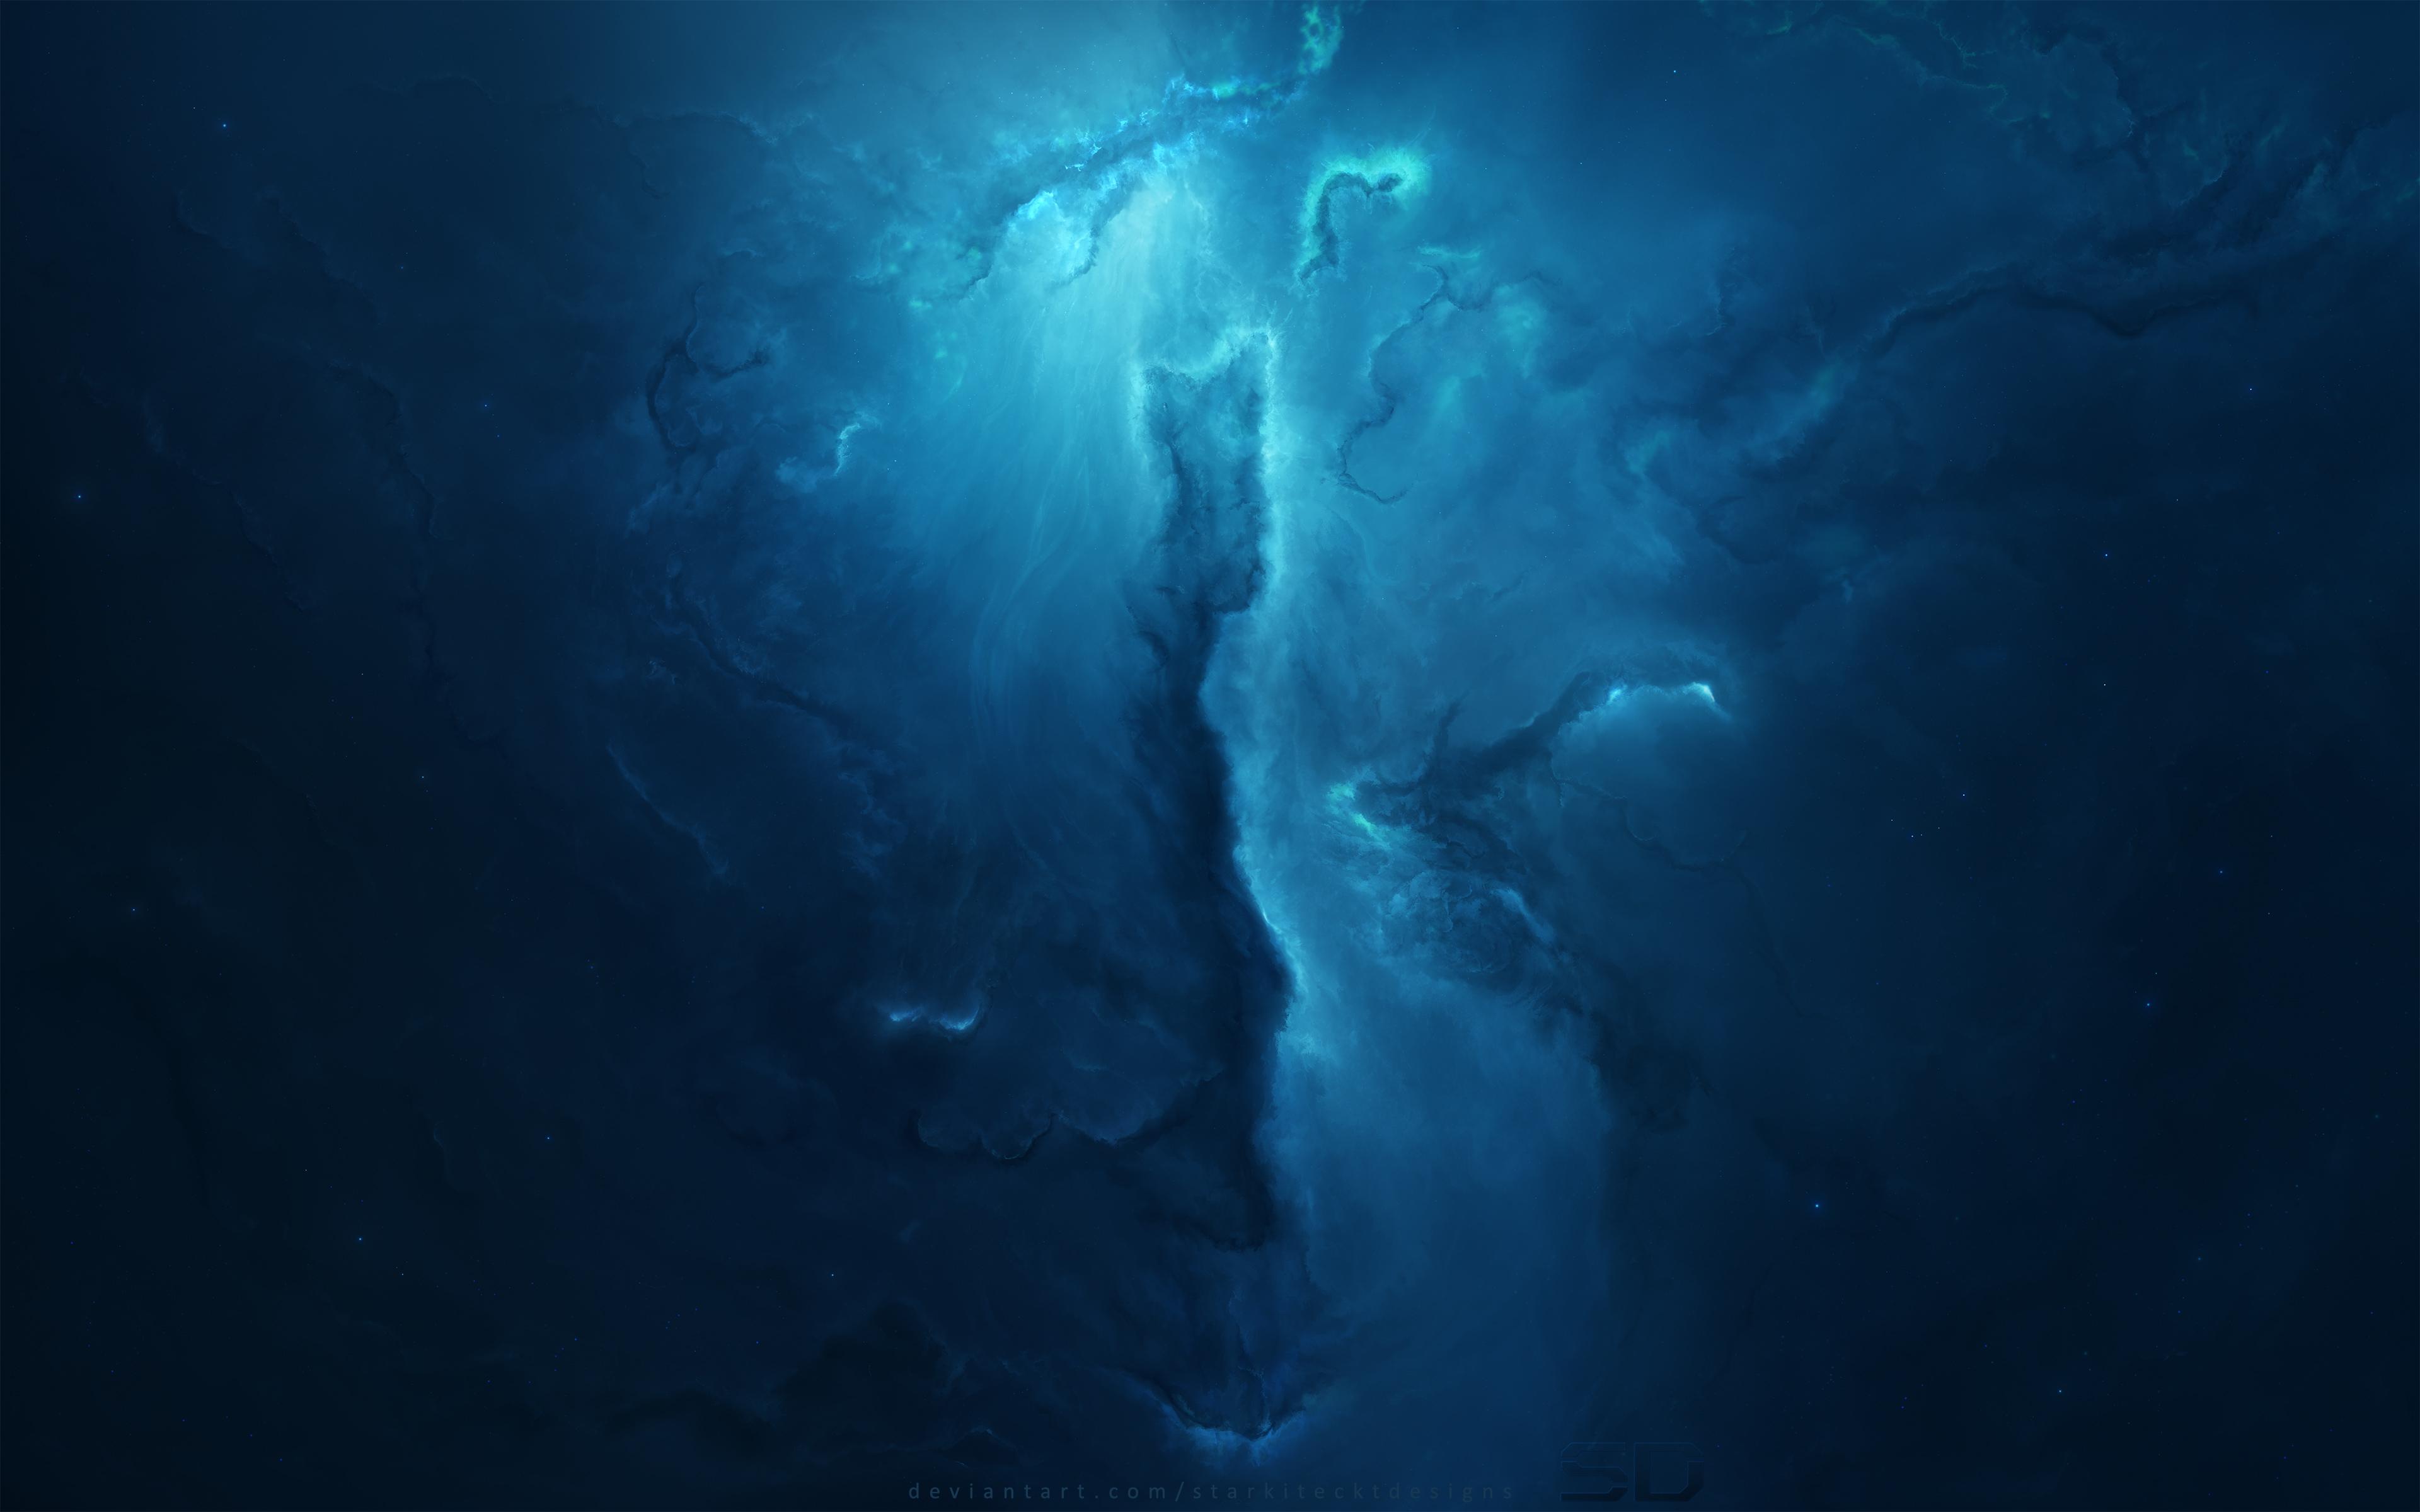 atlantis nebula 1574942911 - Atlantis Nebula -